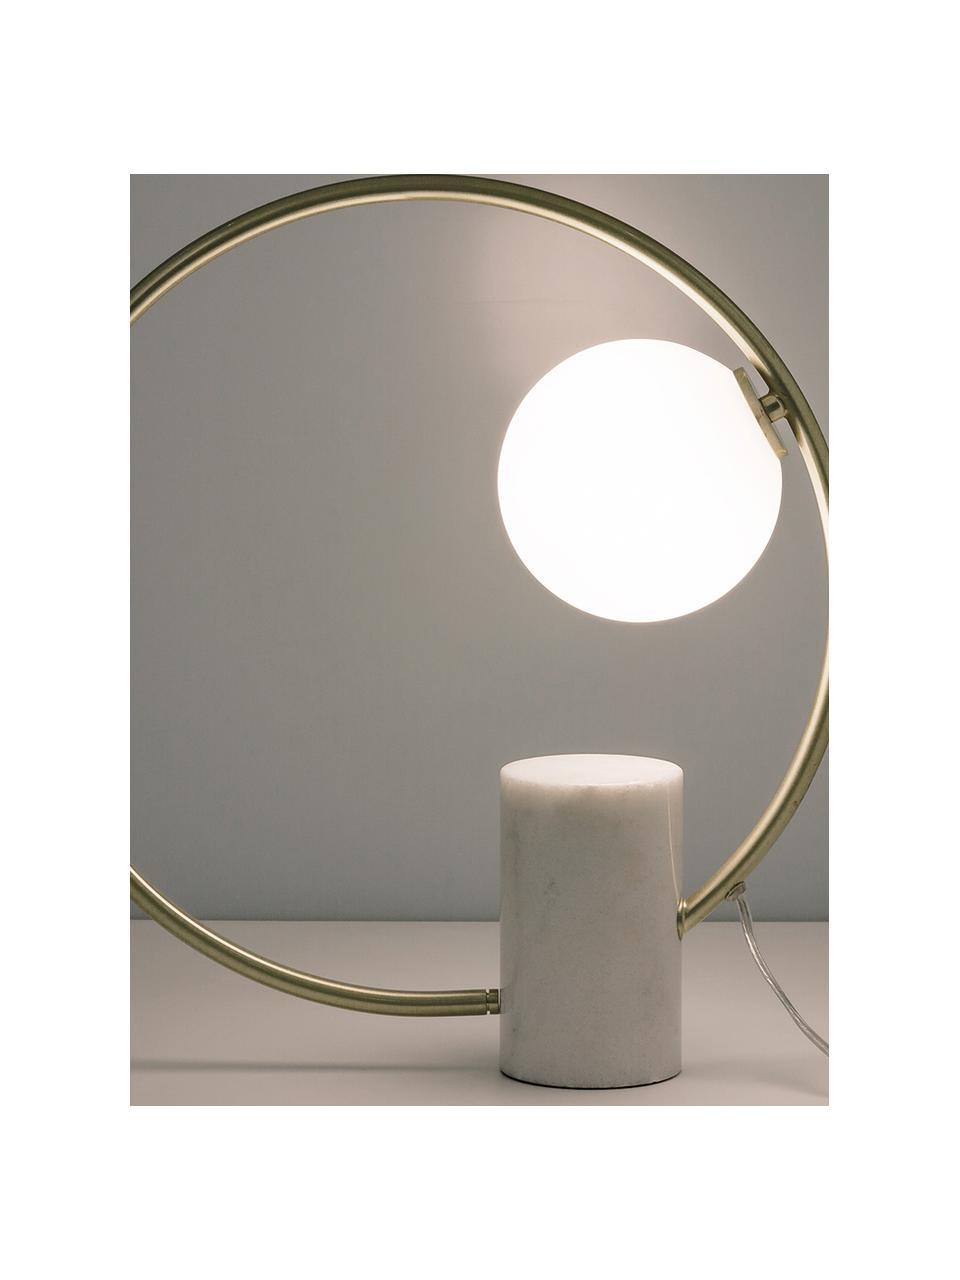 Lampada da tavolo con base in marmo Soho, Paralume: vetro, Base della lampada: marmo, possibili variazio, Struttura: metallo ottonato, Bianco ottonato, Larg. 40 x Alt. 42 cm